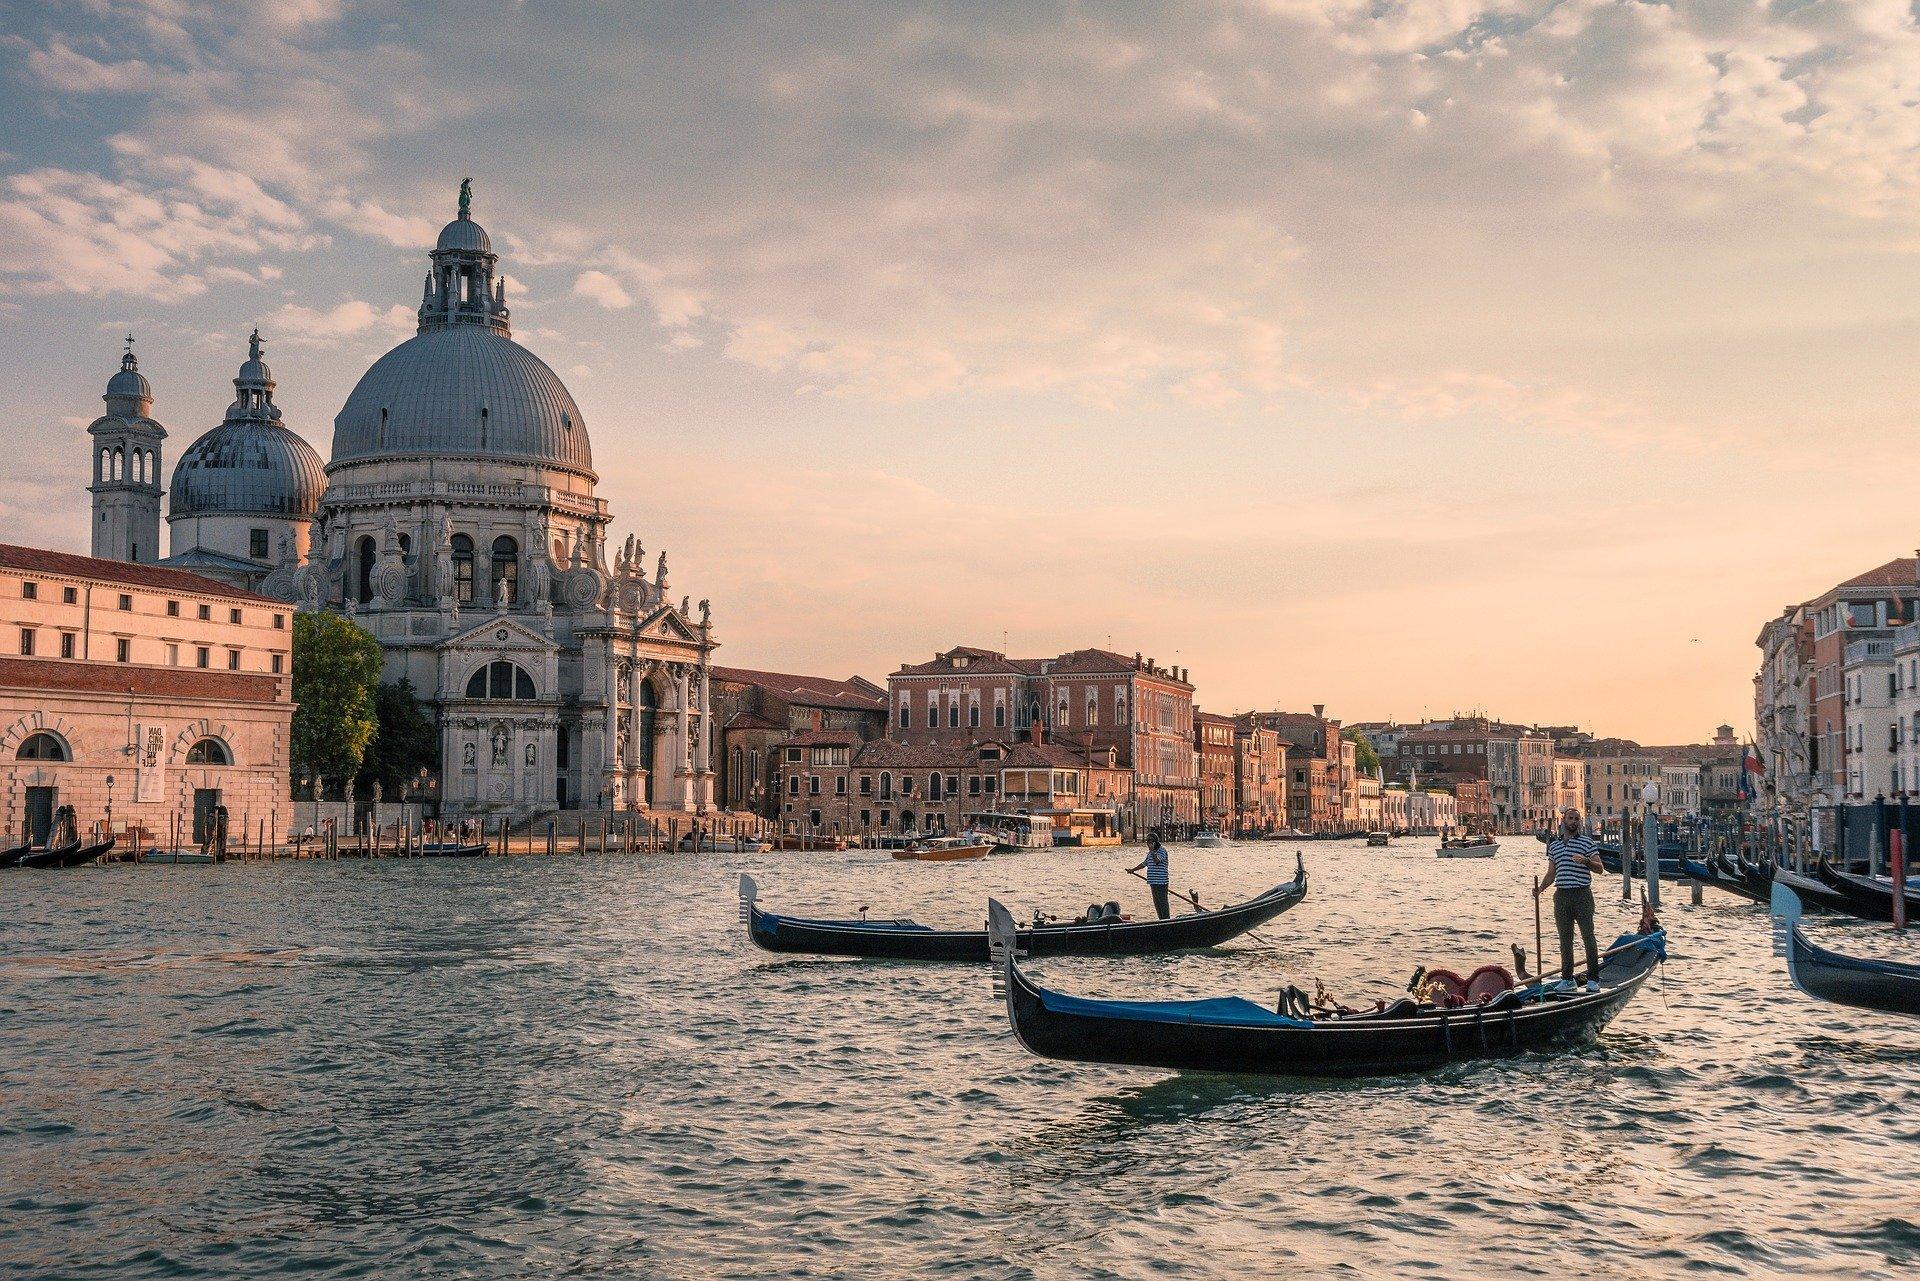 Итальянцы рассказали, каких туристов они не хотят видеть в своей стране этим летом